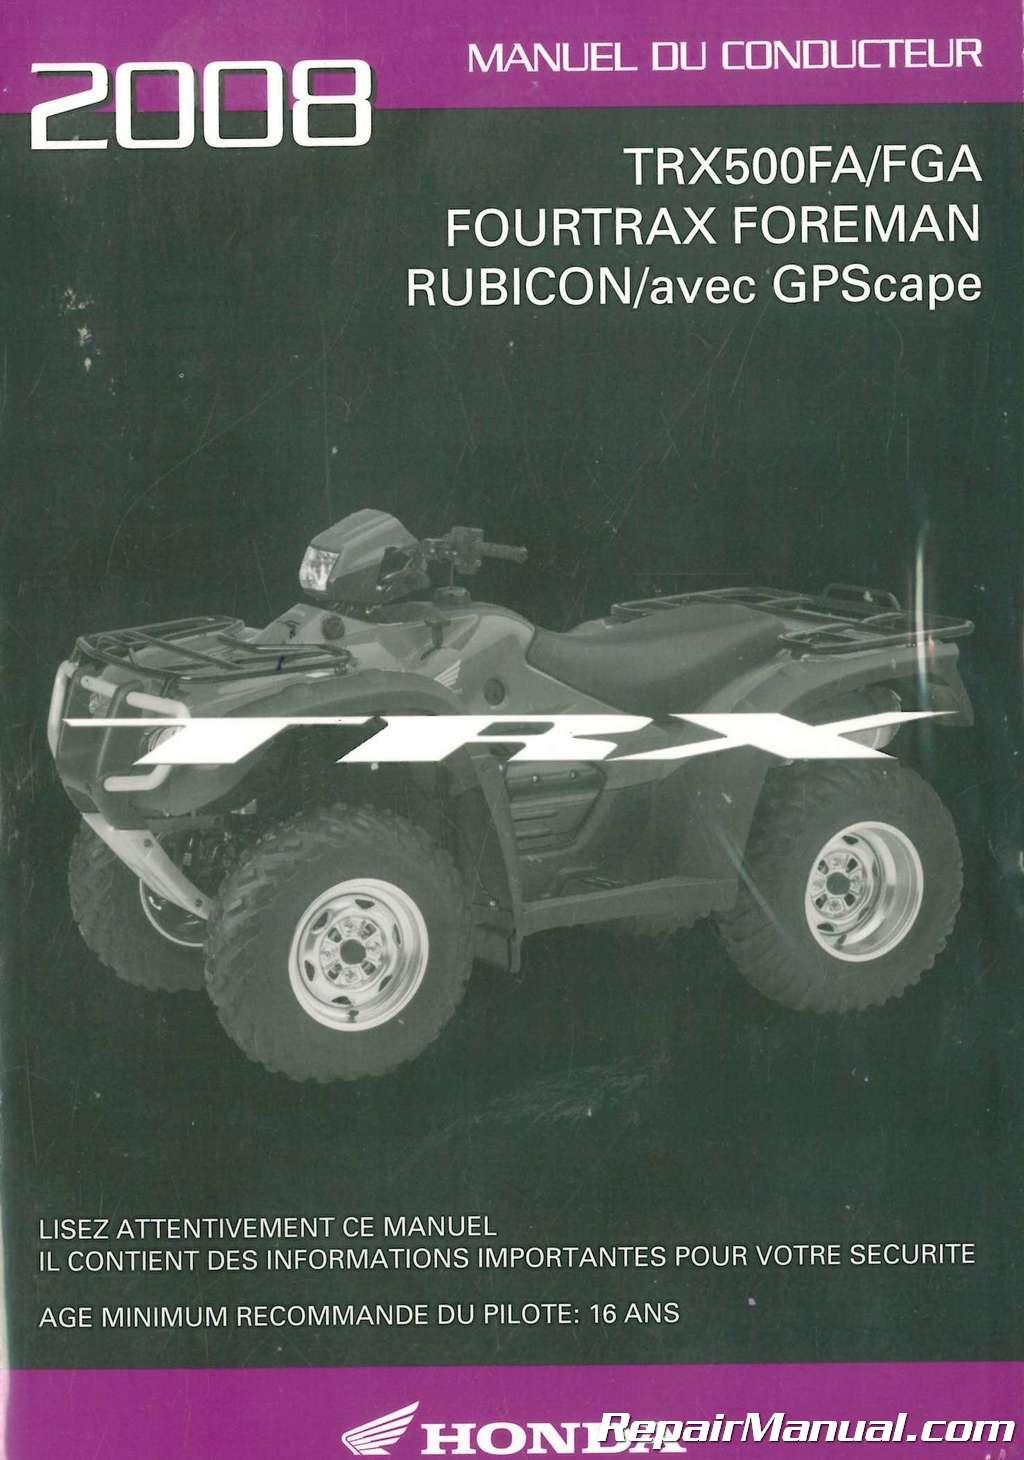 2008 honda civic repair service manual